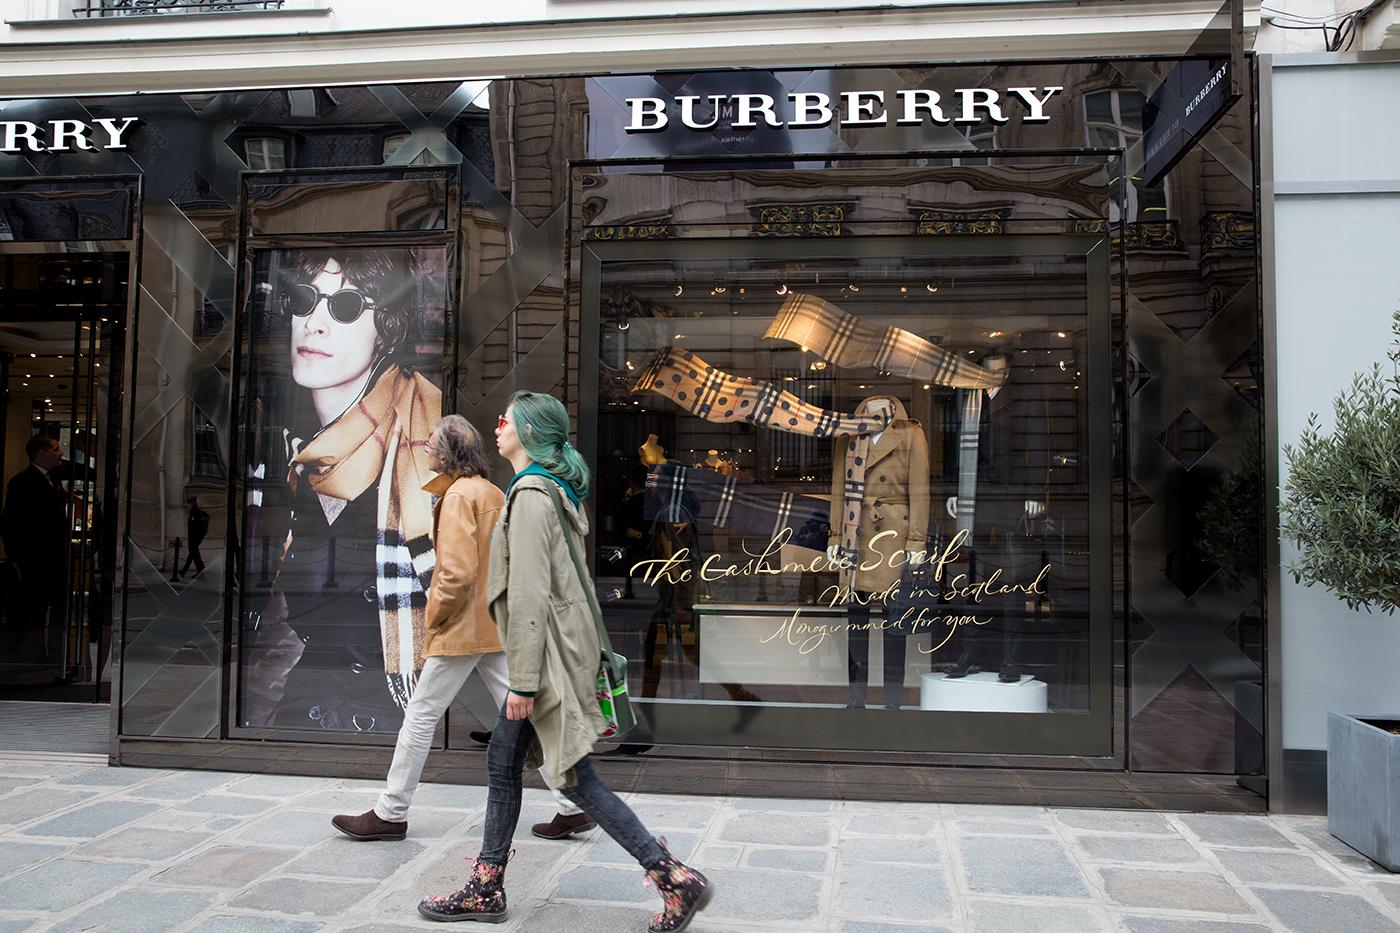 Burberry in Paris